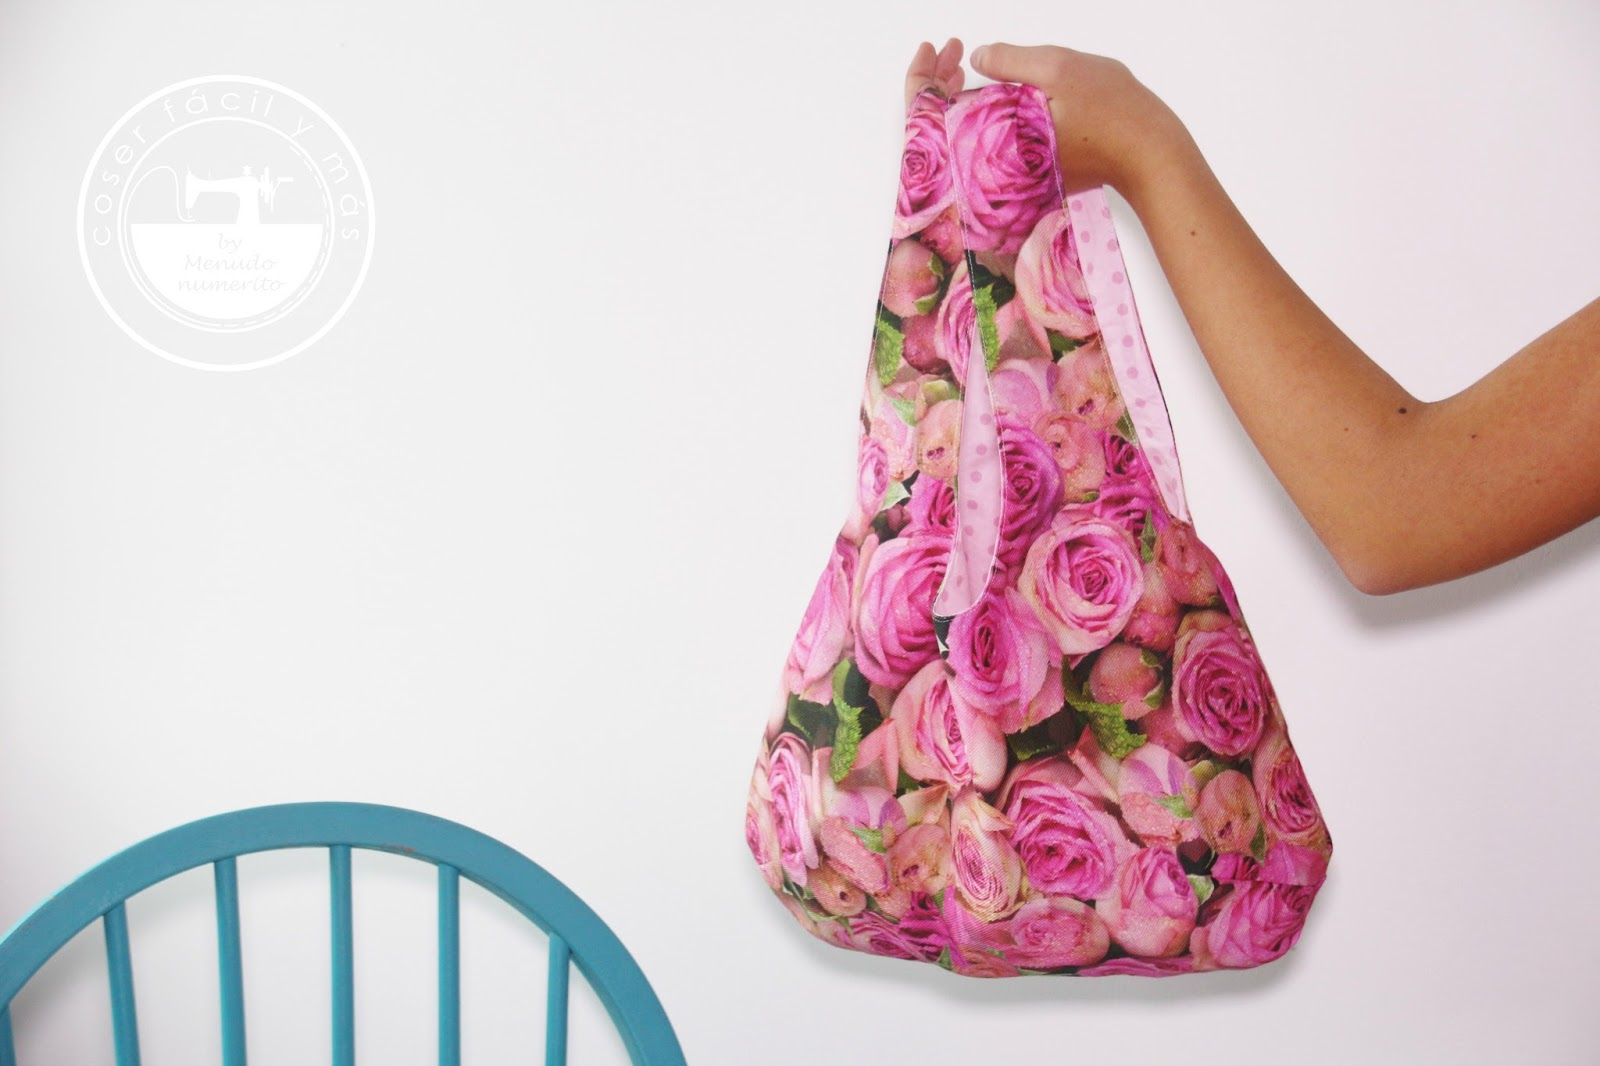 bolsos archivos - Handbox Craft Lovers | Comunidad DIY, Tutoriales ...